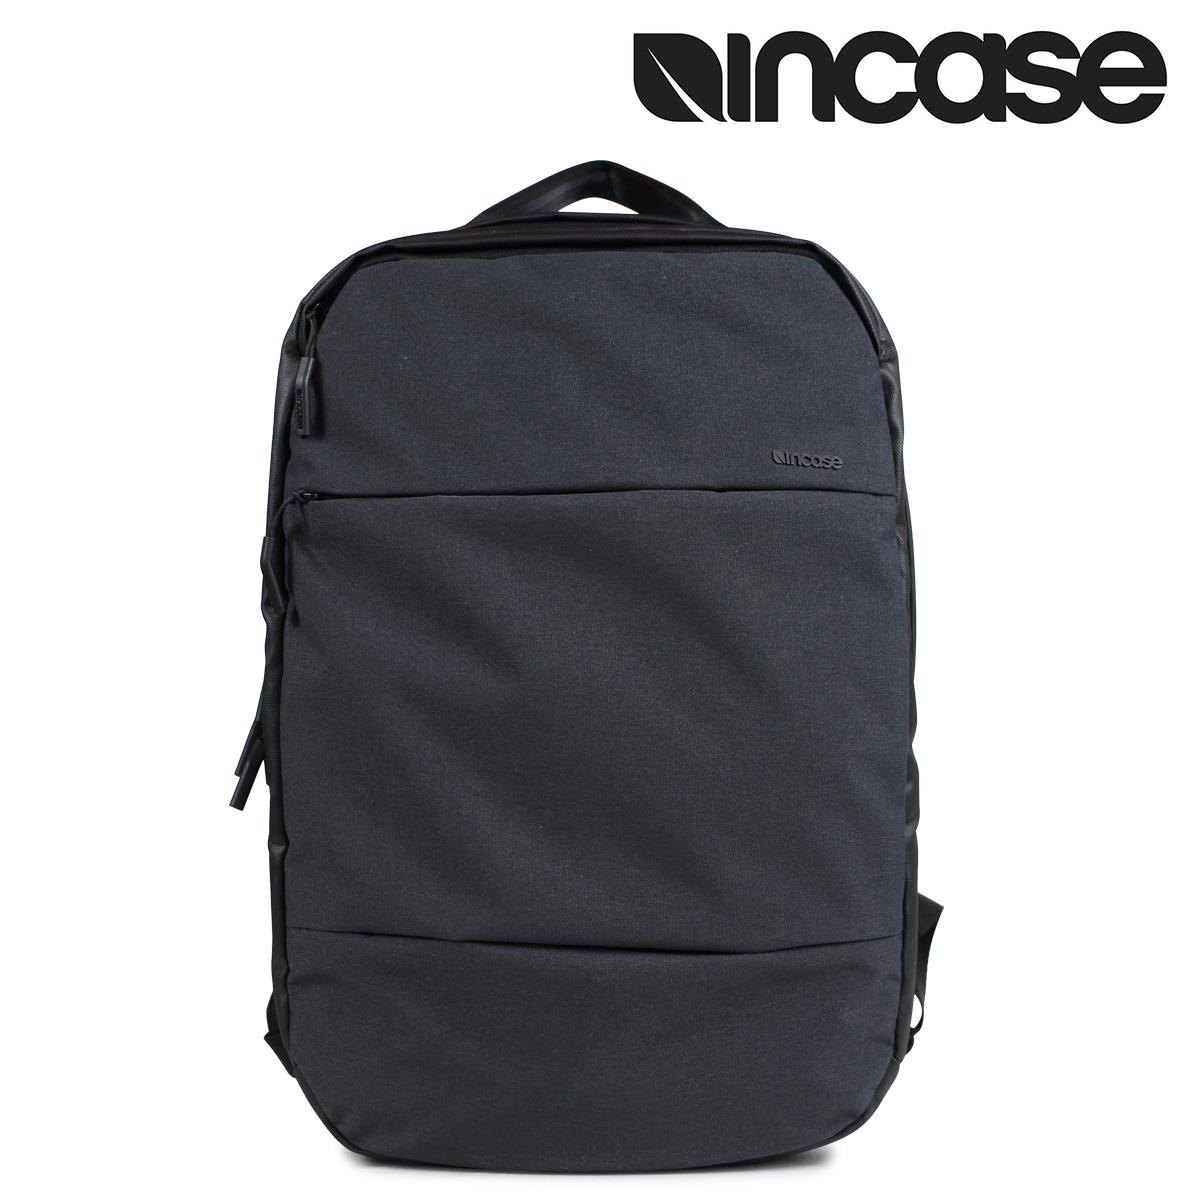 インケース INCASE リュック バックパック 23L 15INCH CITY COMMUTER PACK メンズ レディース ブラック INCO100146 [予約商品 4/10頃入荷予定 再入荷]